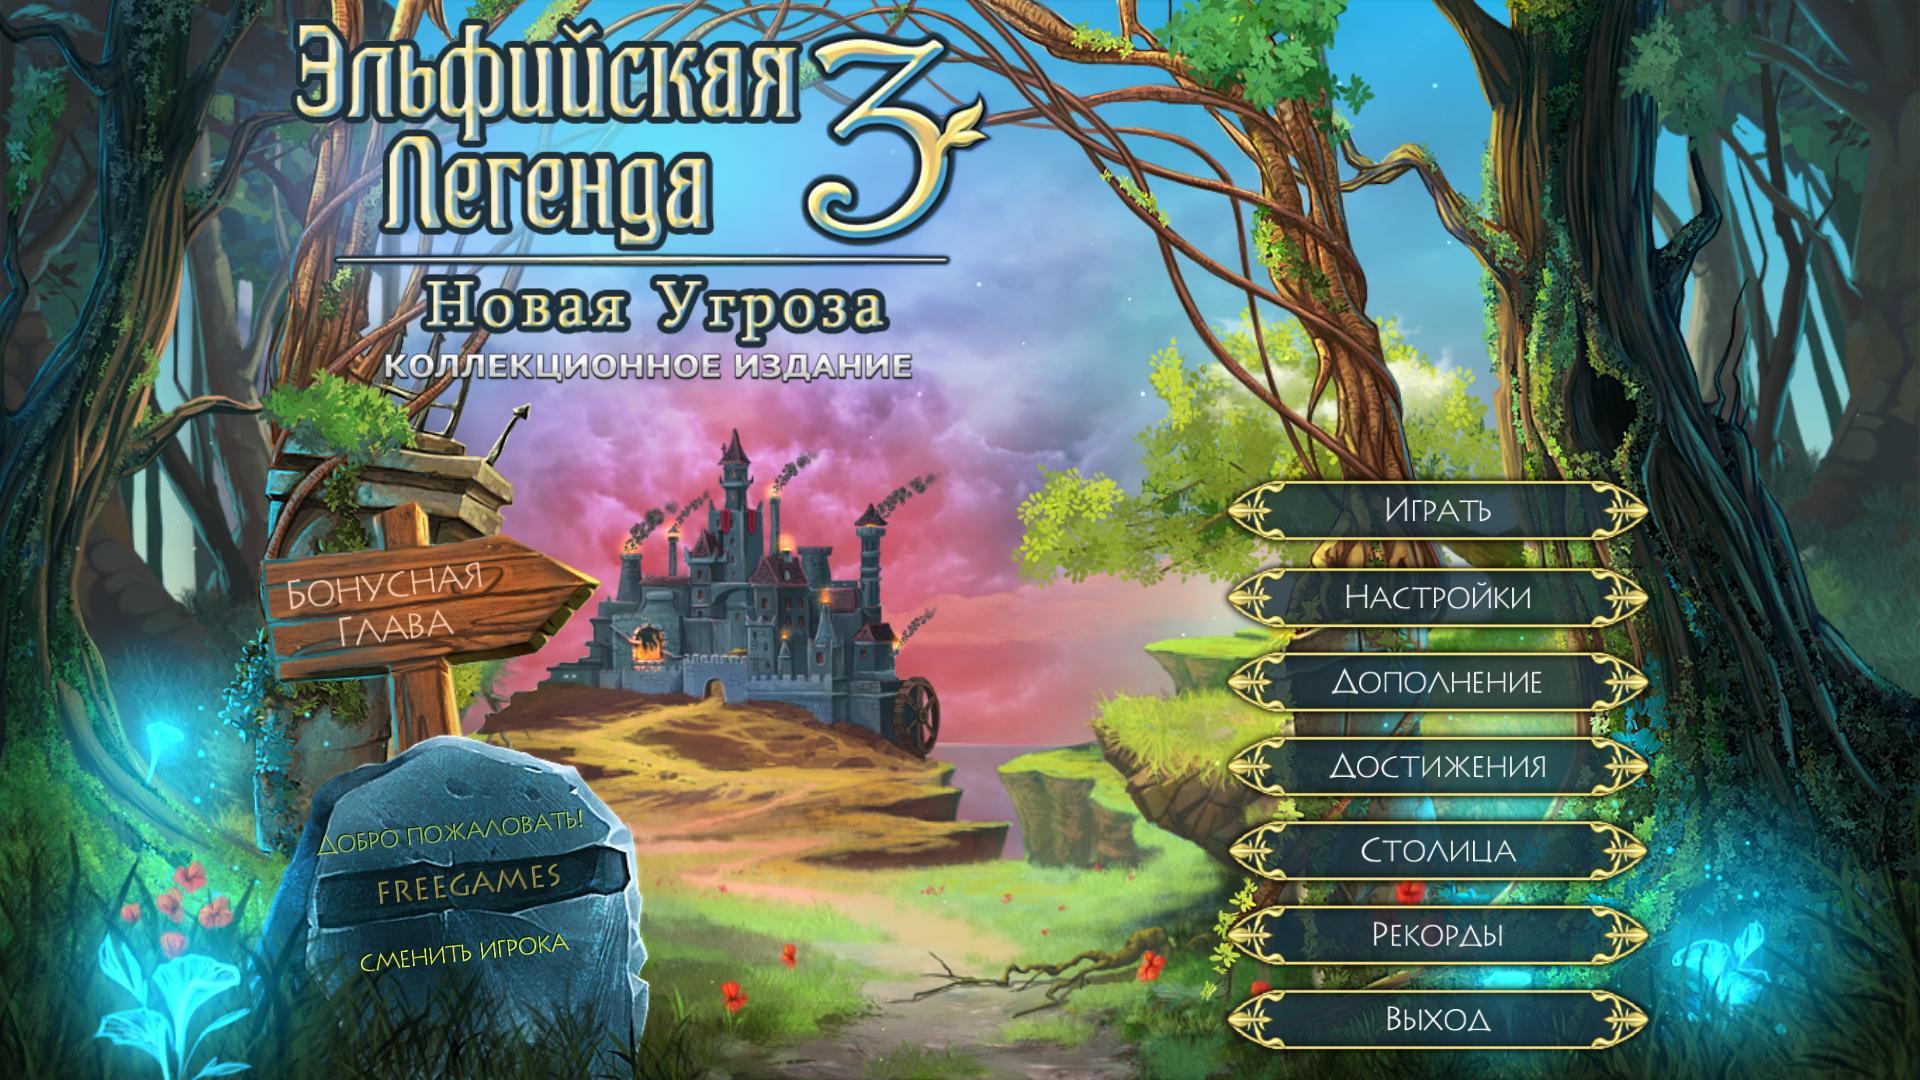 Эльфийская легенда 3: Новая угроза. Коллекционное издание | Elven Legend 3: The New Menace CE (Rus)